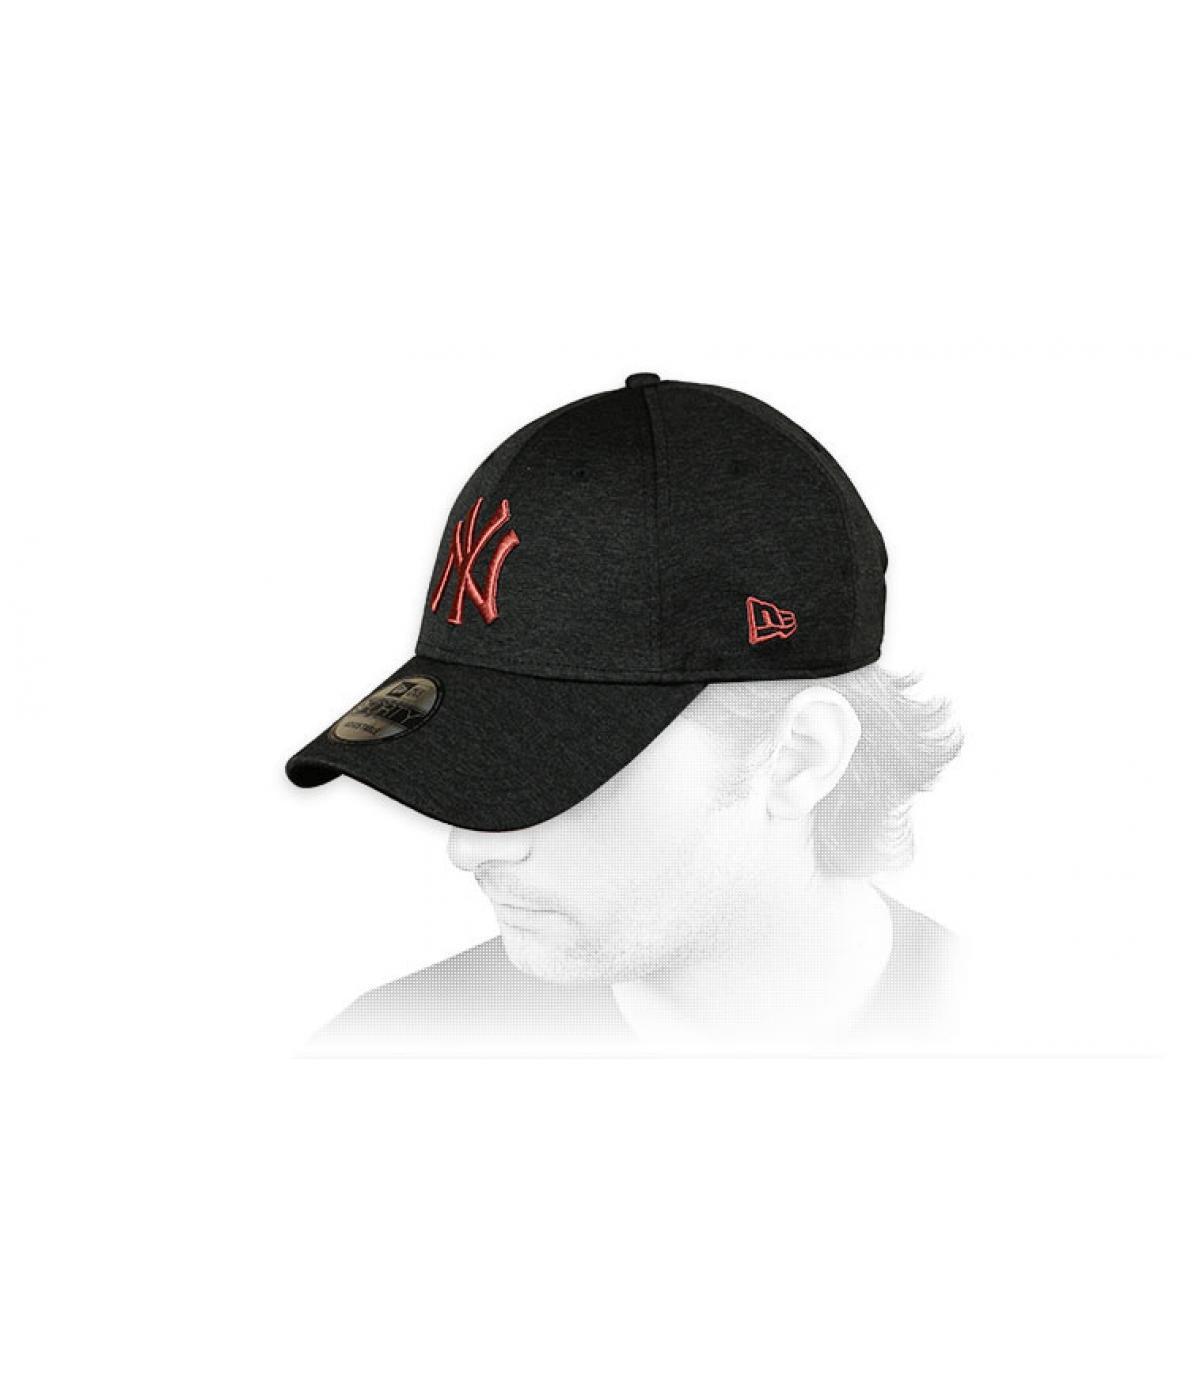 NY zwarte curve cap